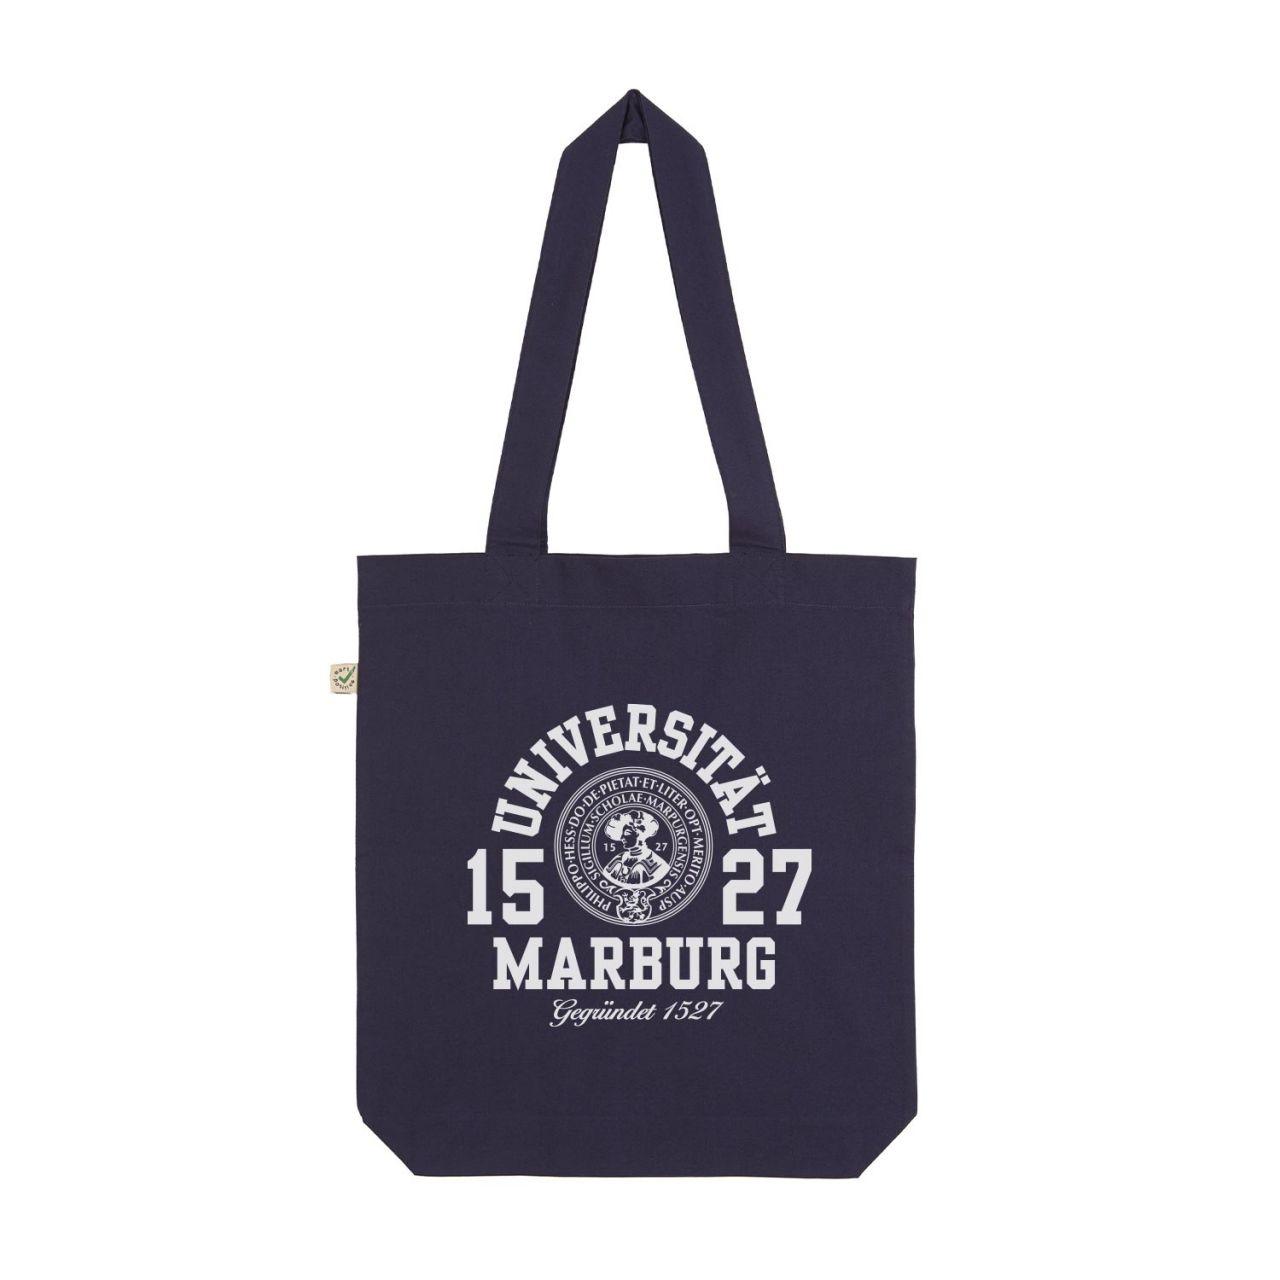 Tote Bag, navy, marshall